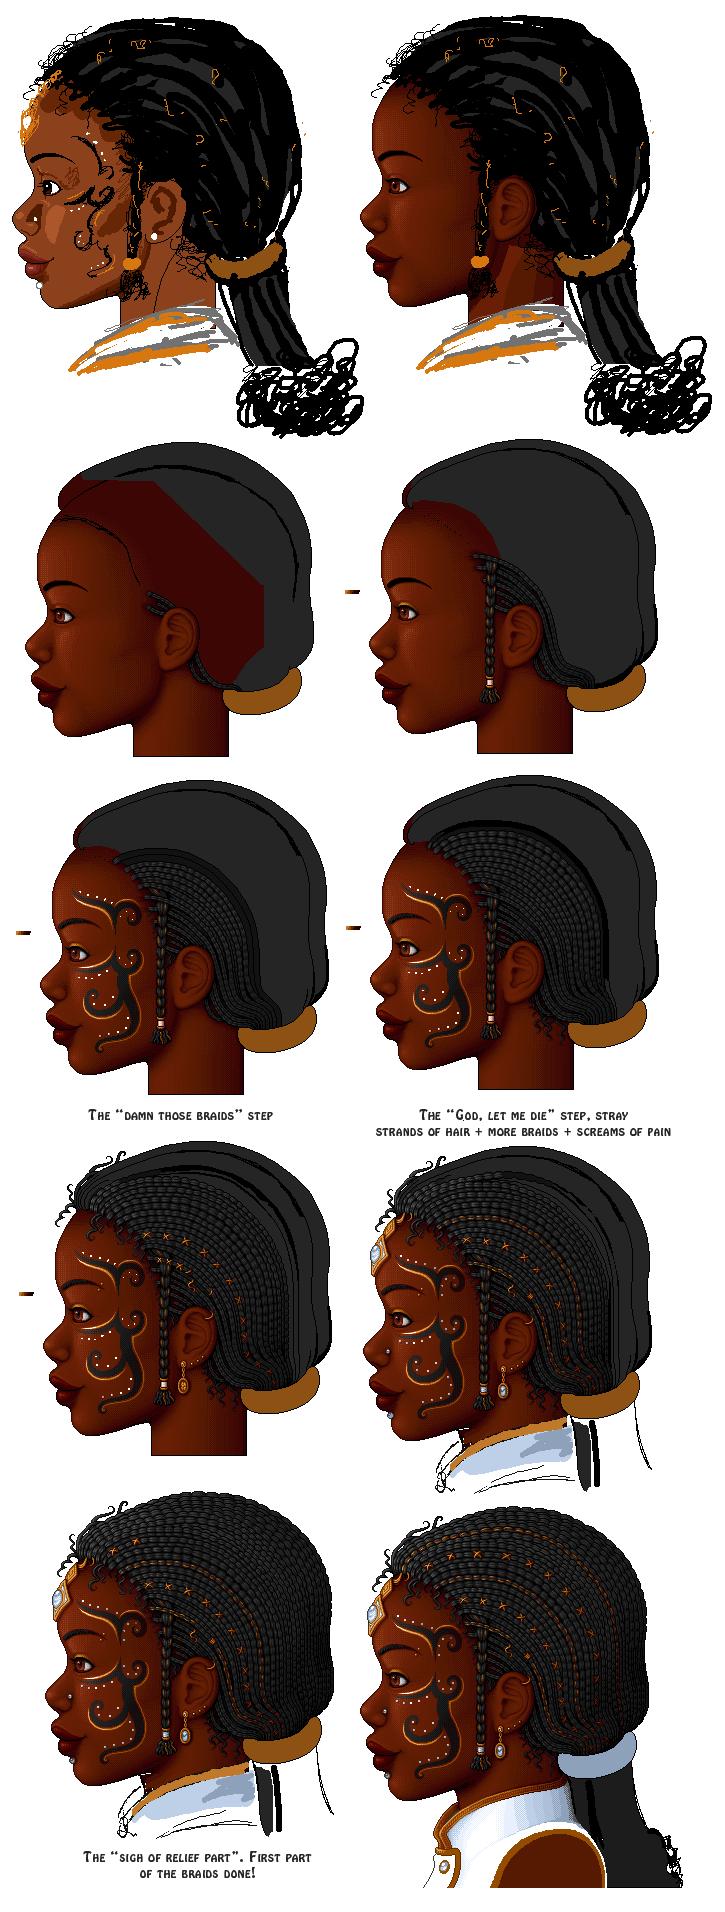 Big head wip - steps by meririm